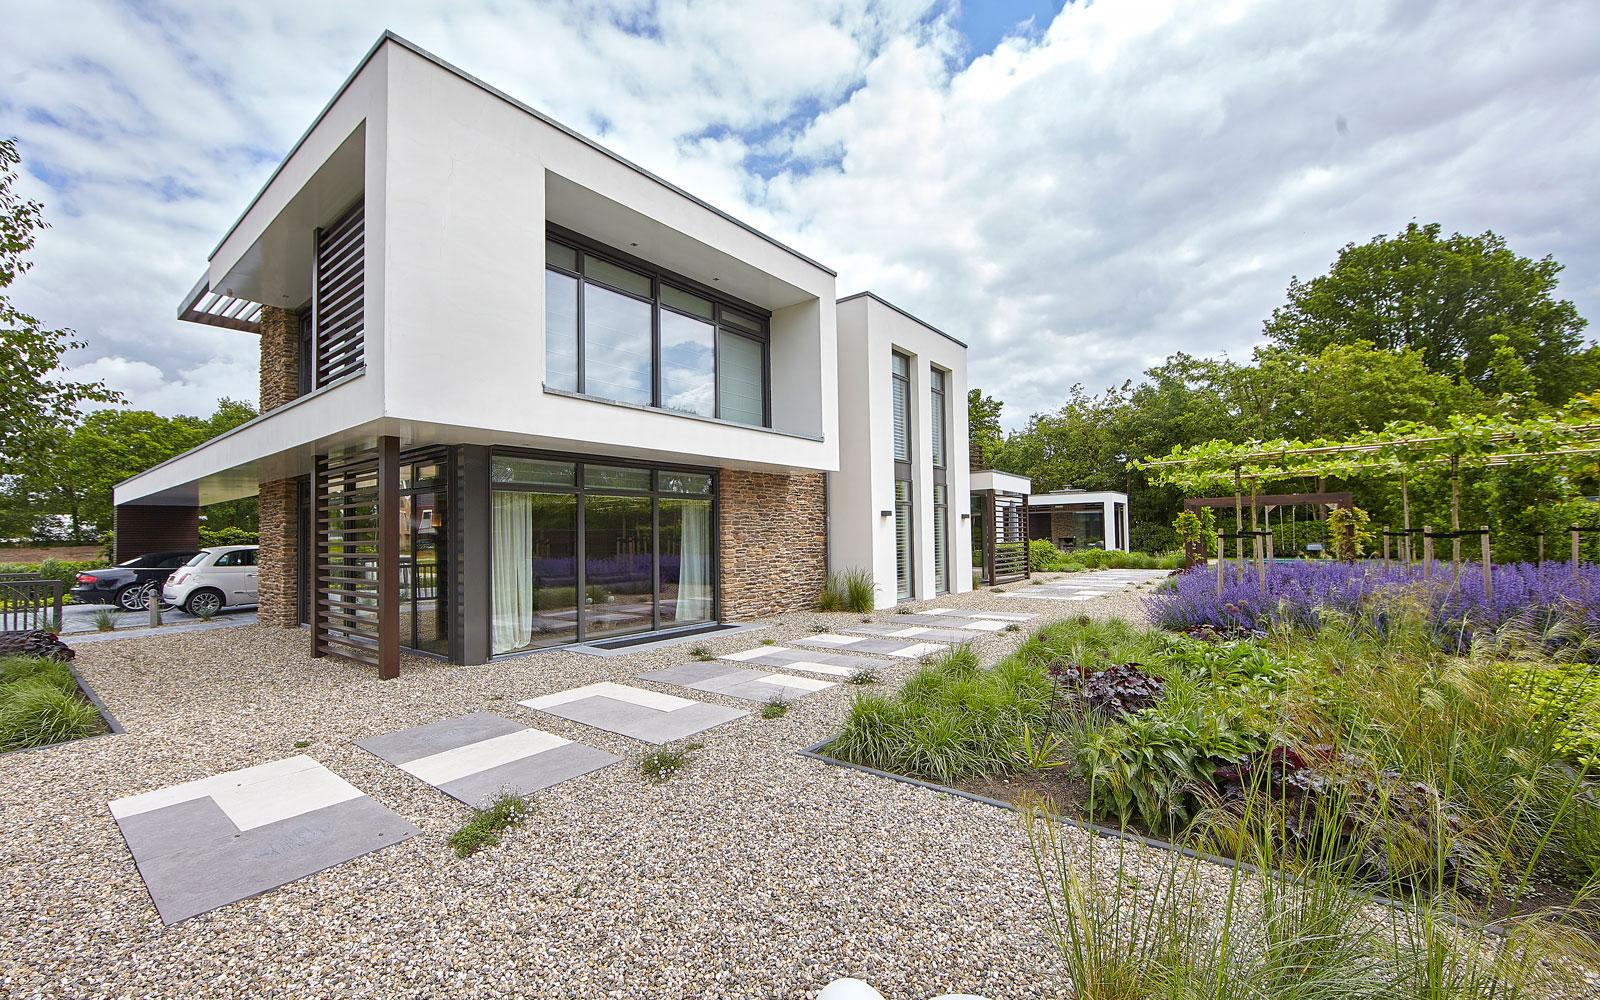 Tuin, Fiona Merckx Tuin Design, Heijkoop Tuinvormgeving, kleurrijk, kiezelpad, onderscheidende villa, Marco van Veldhuizen